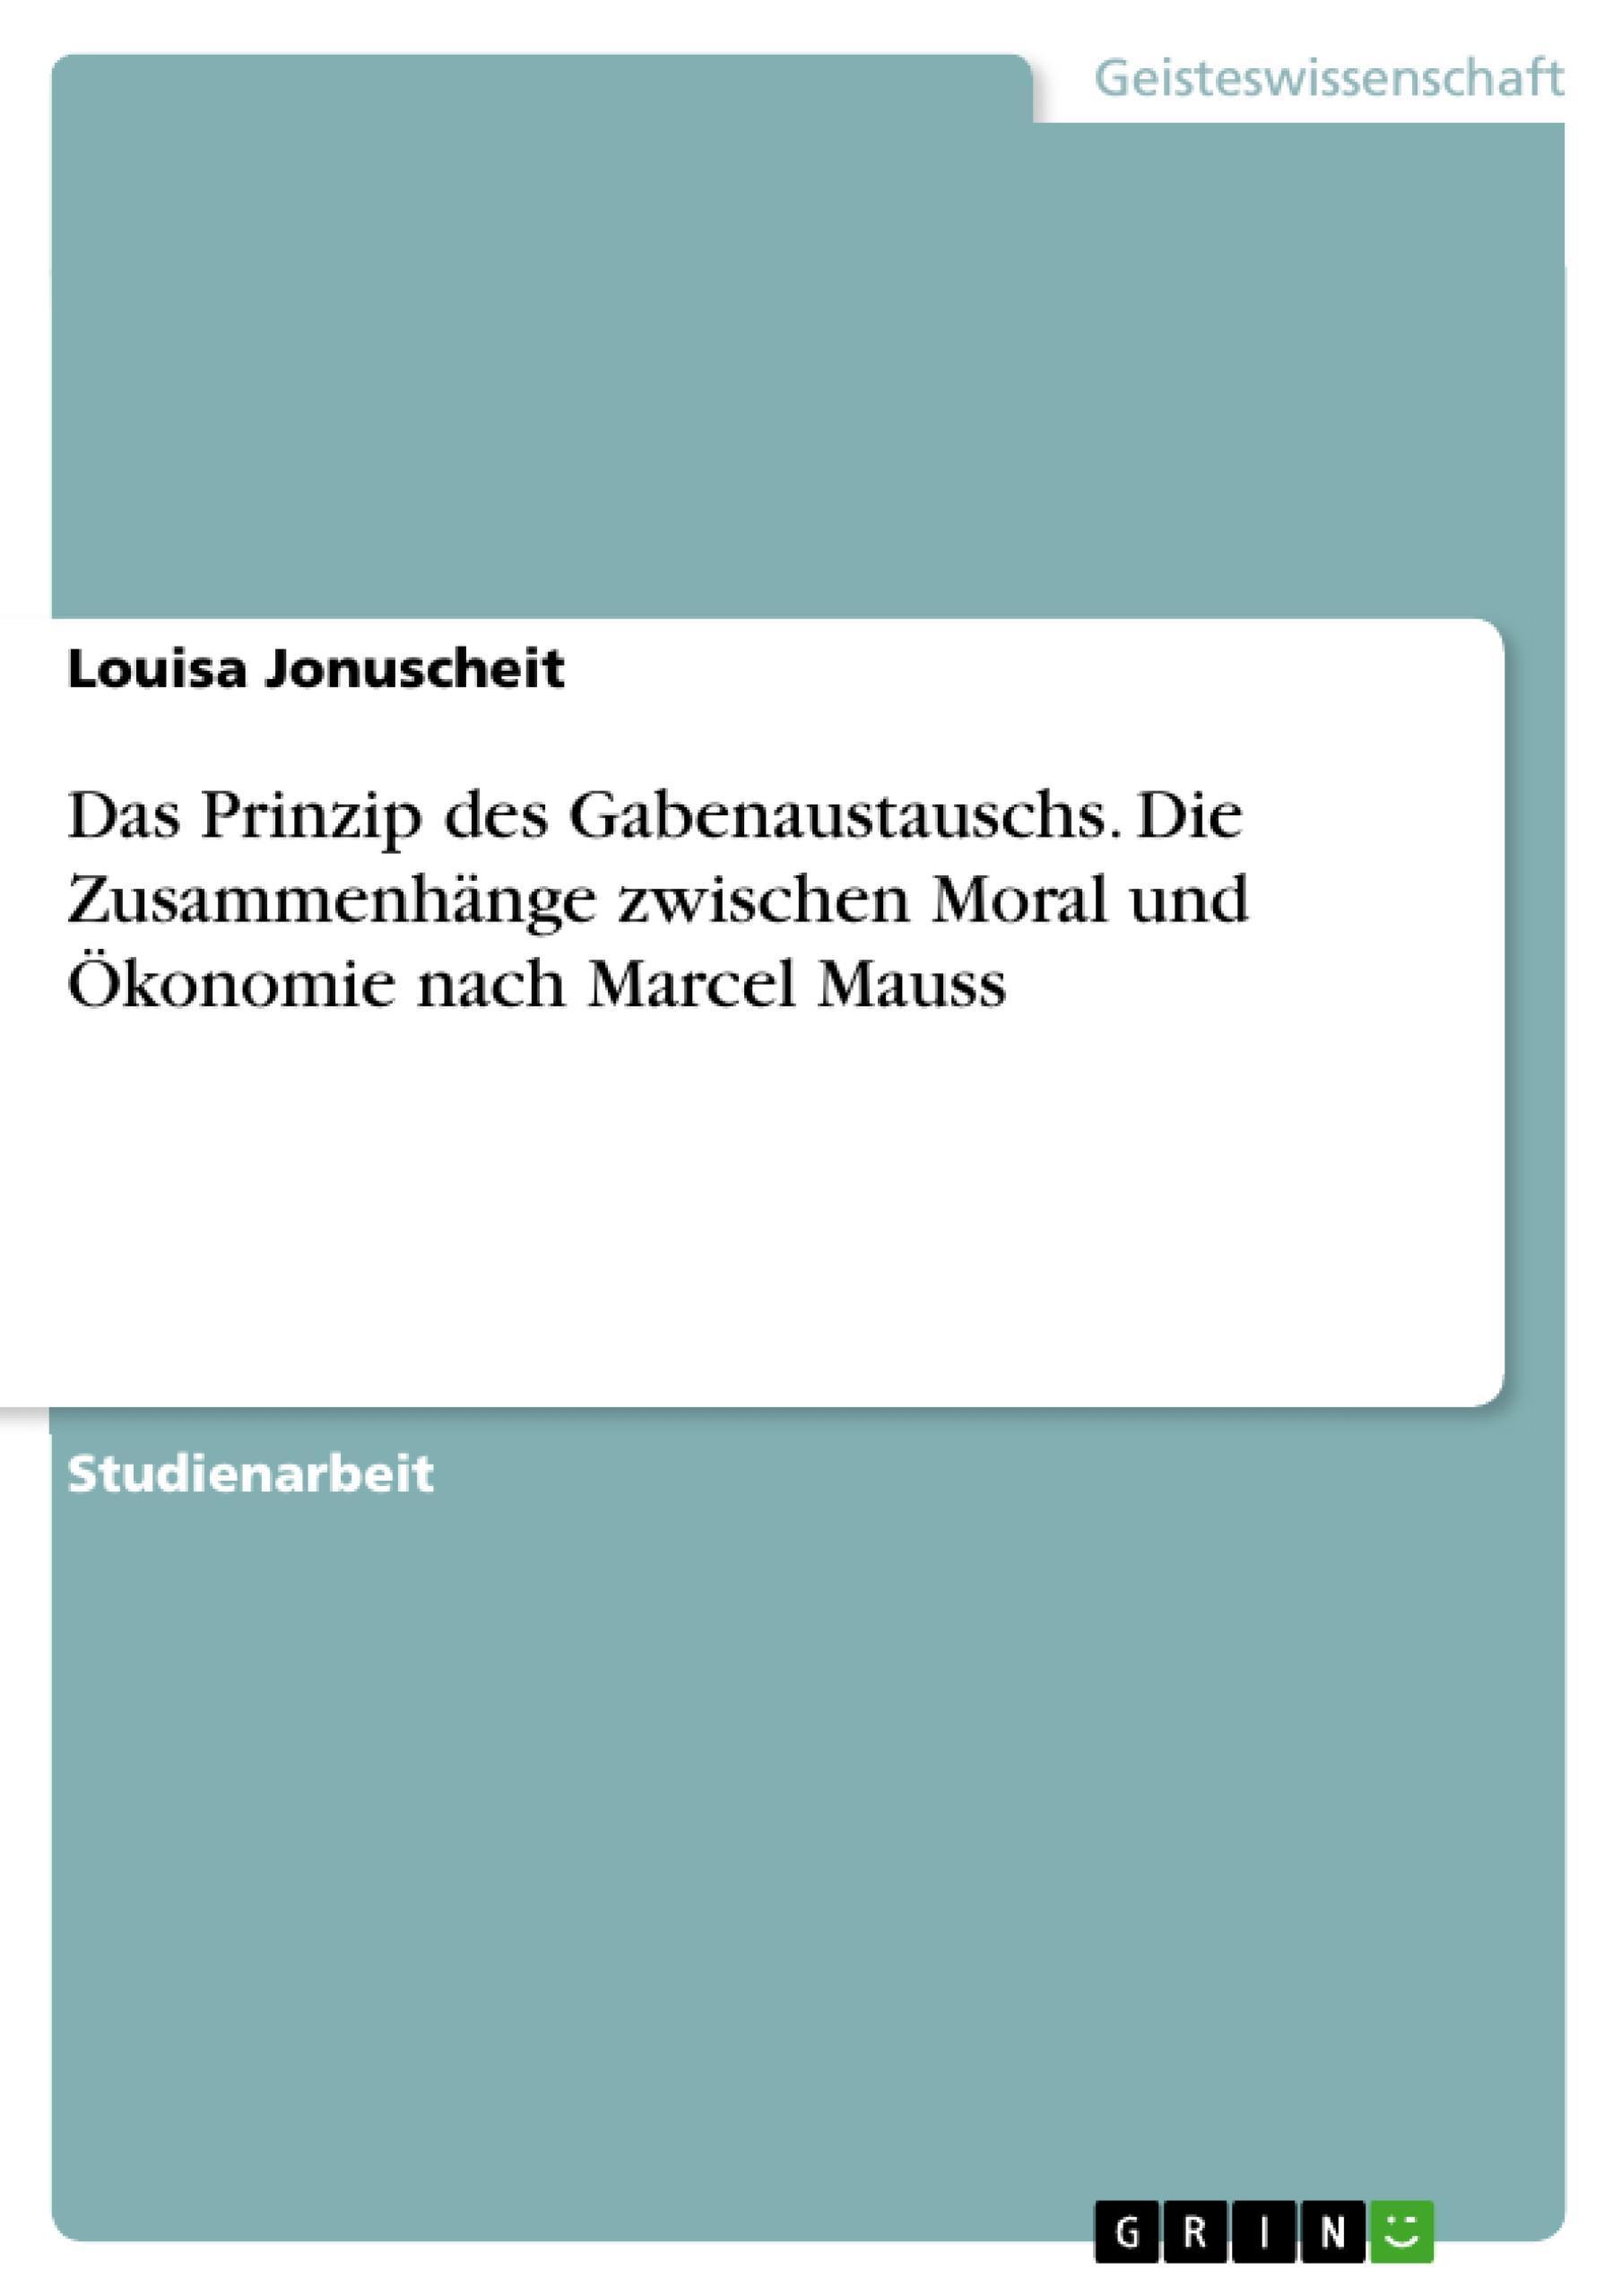 Das Prinzip des Gabenaustauschs. Die Zusammenhänge zwischen Moral und Ökono ...